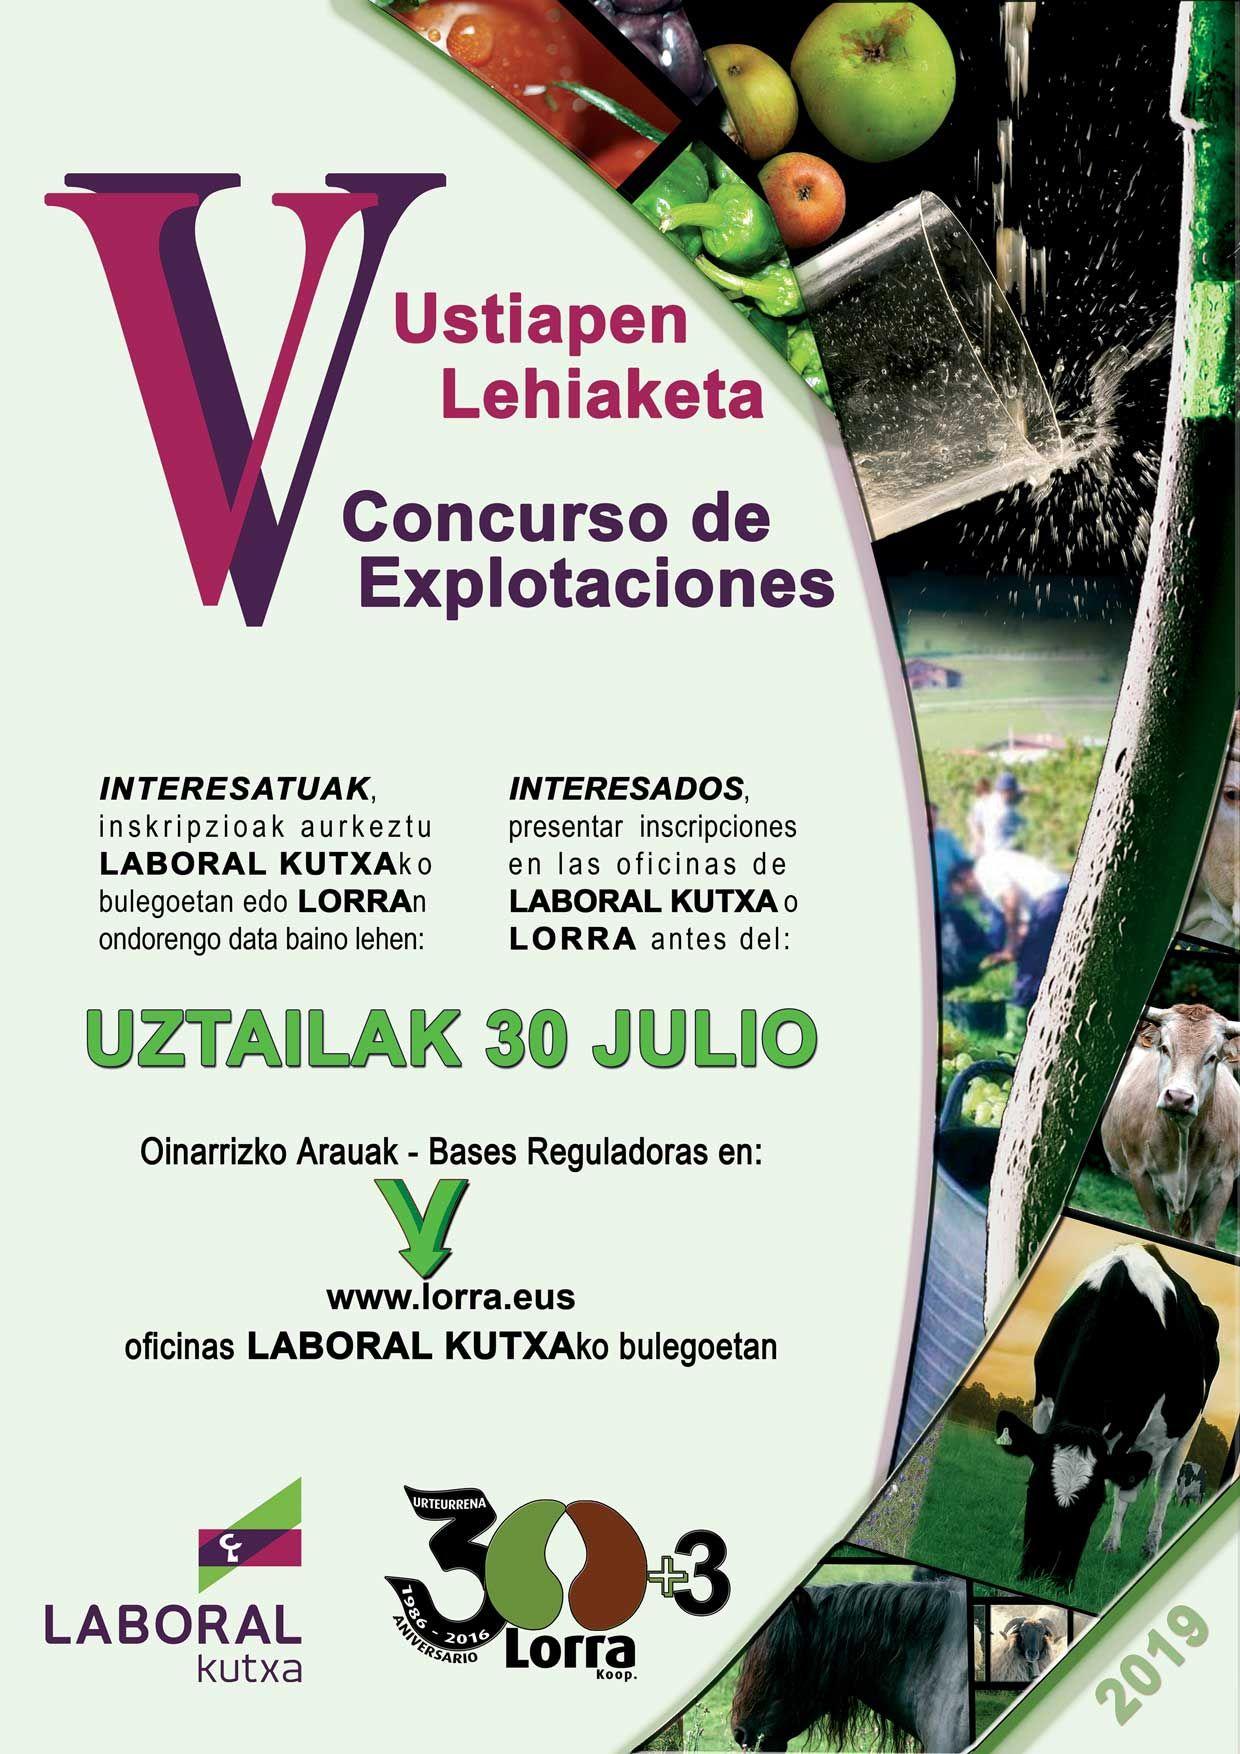 Se convoca el V Concurso de Explotaciones LABORAL KUTXA - LORRA